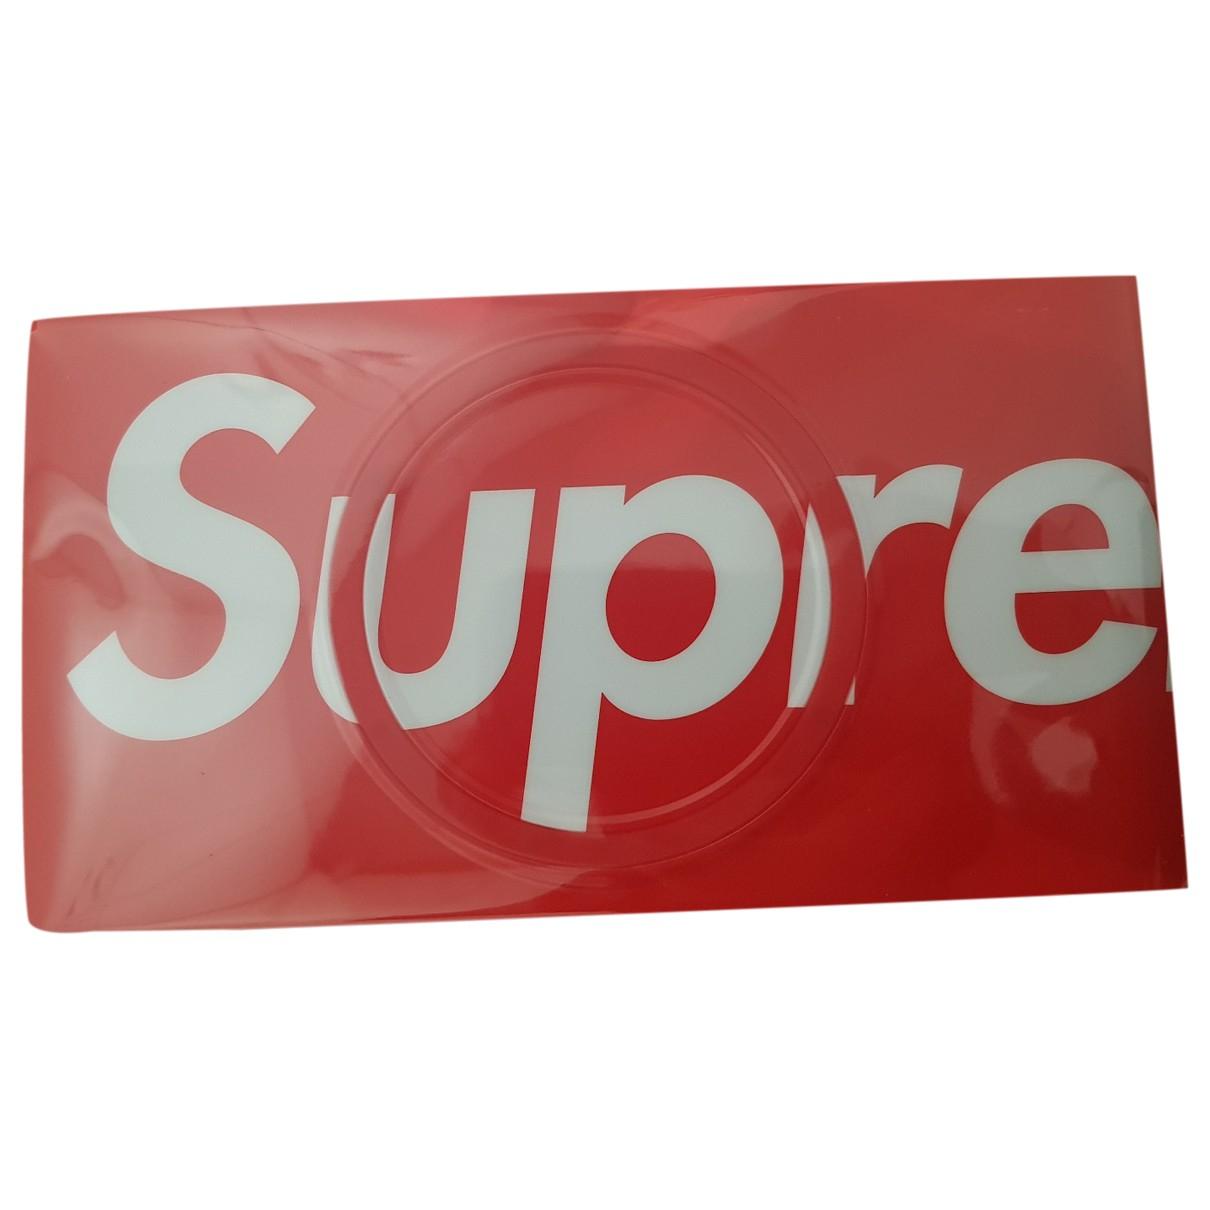 Supreme - Accessoires   pour lifestyle - rouge